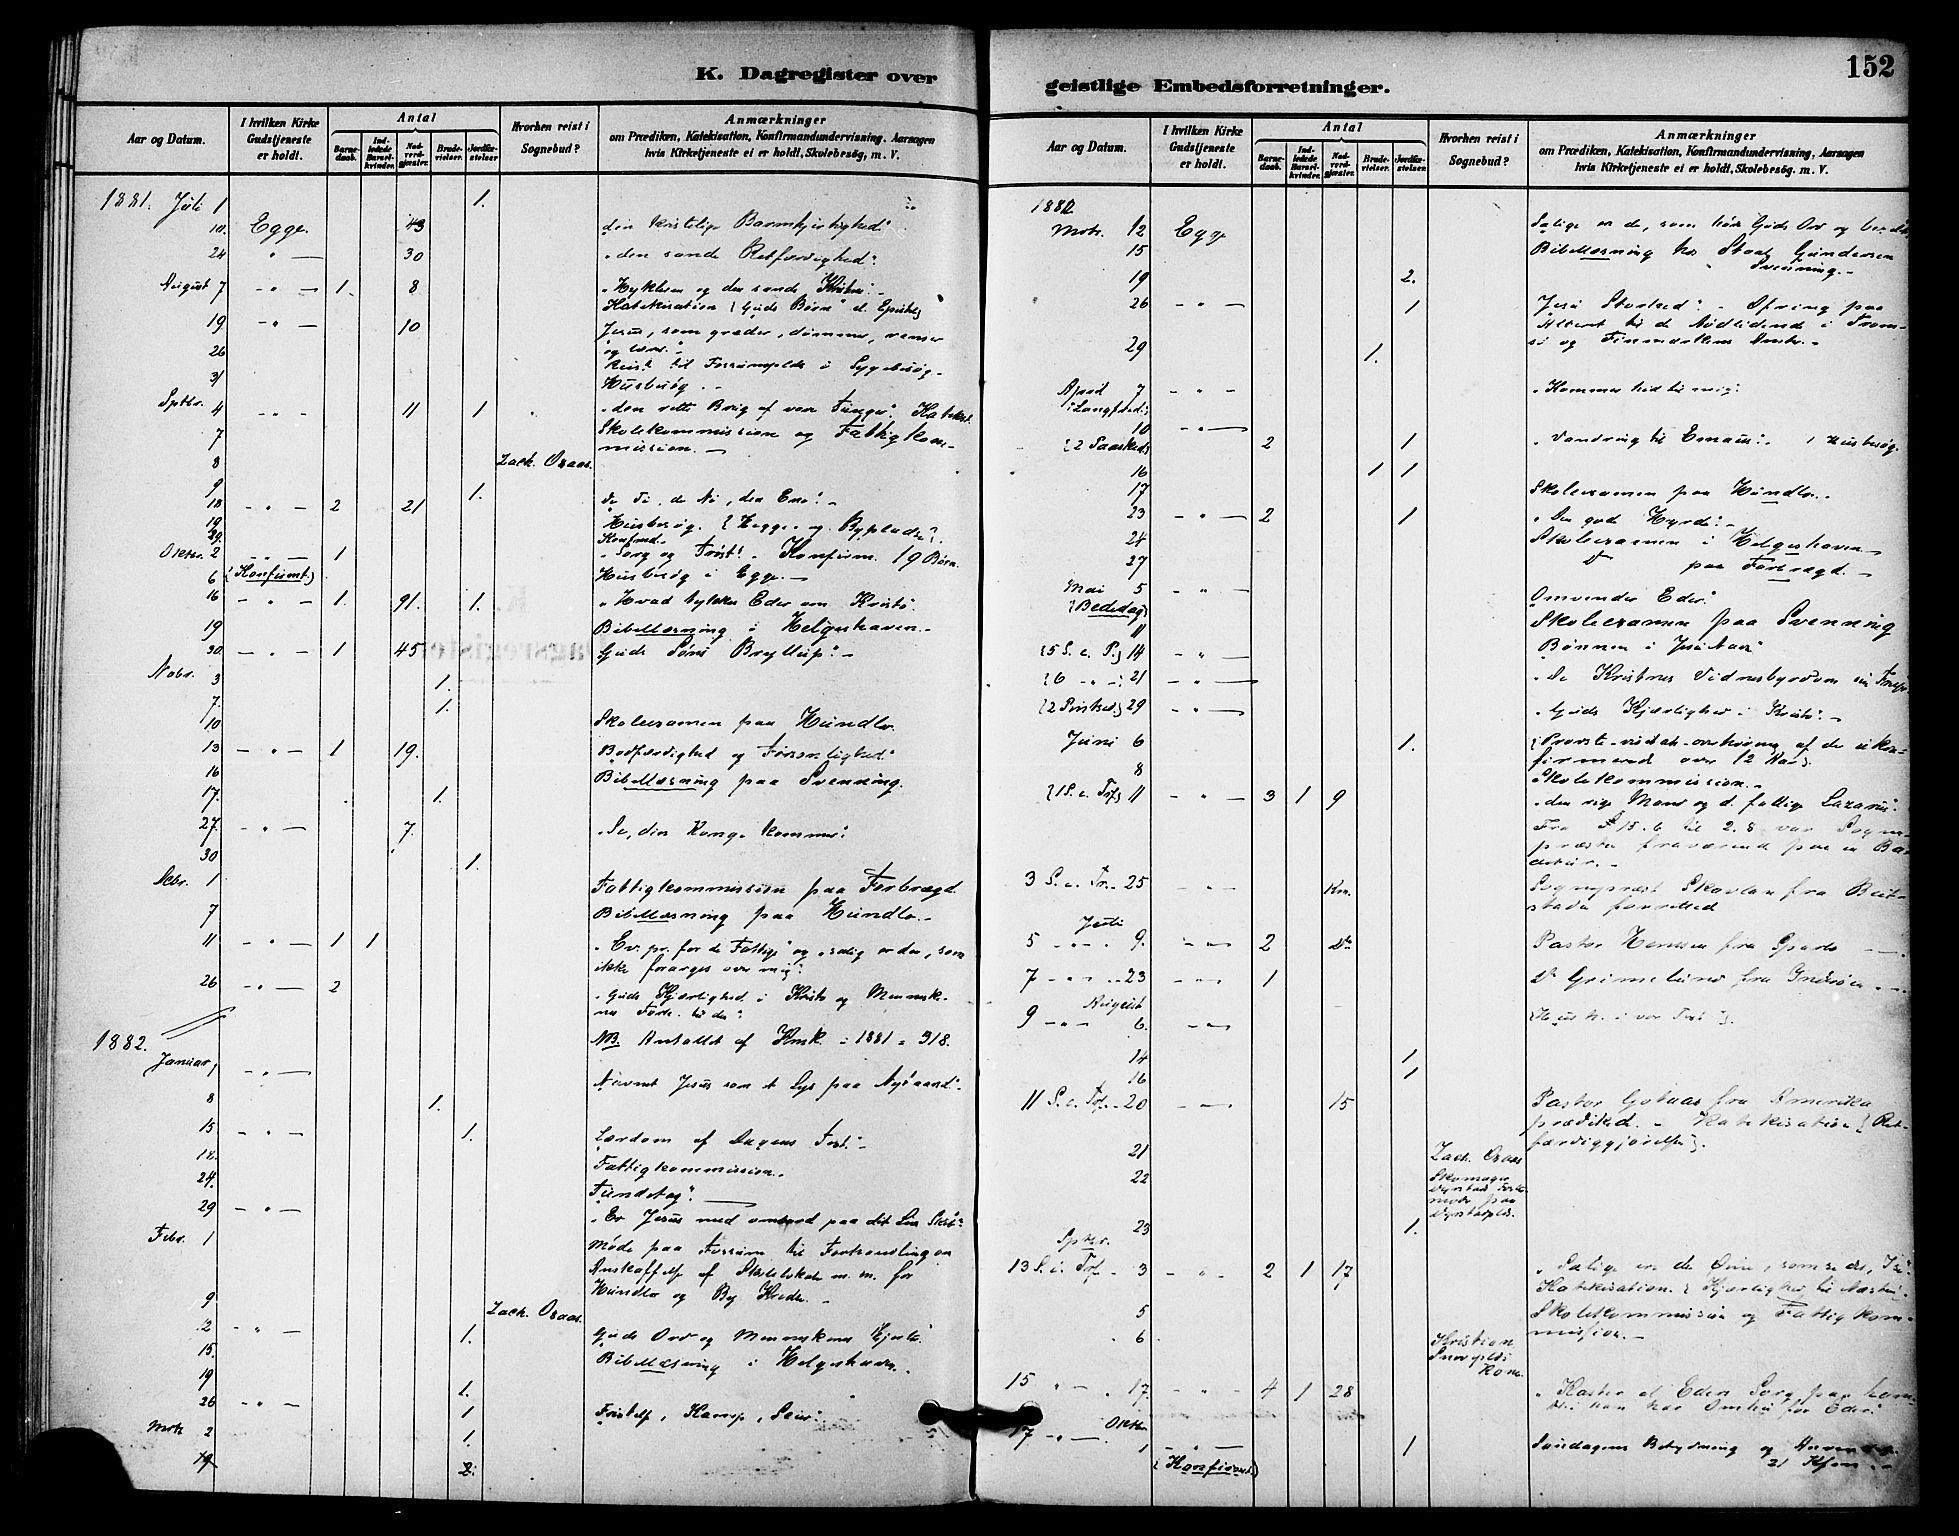 SAT, Ministerialprotokoller, klokkerbøker og fødselsregistre - Nord-Trøndelag, 740/L0378: Ministerialbok nr. 740A01, 1881-1895, s. 152